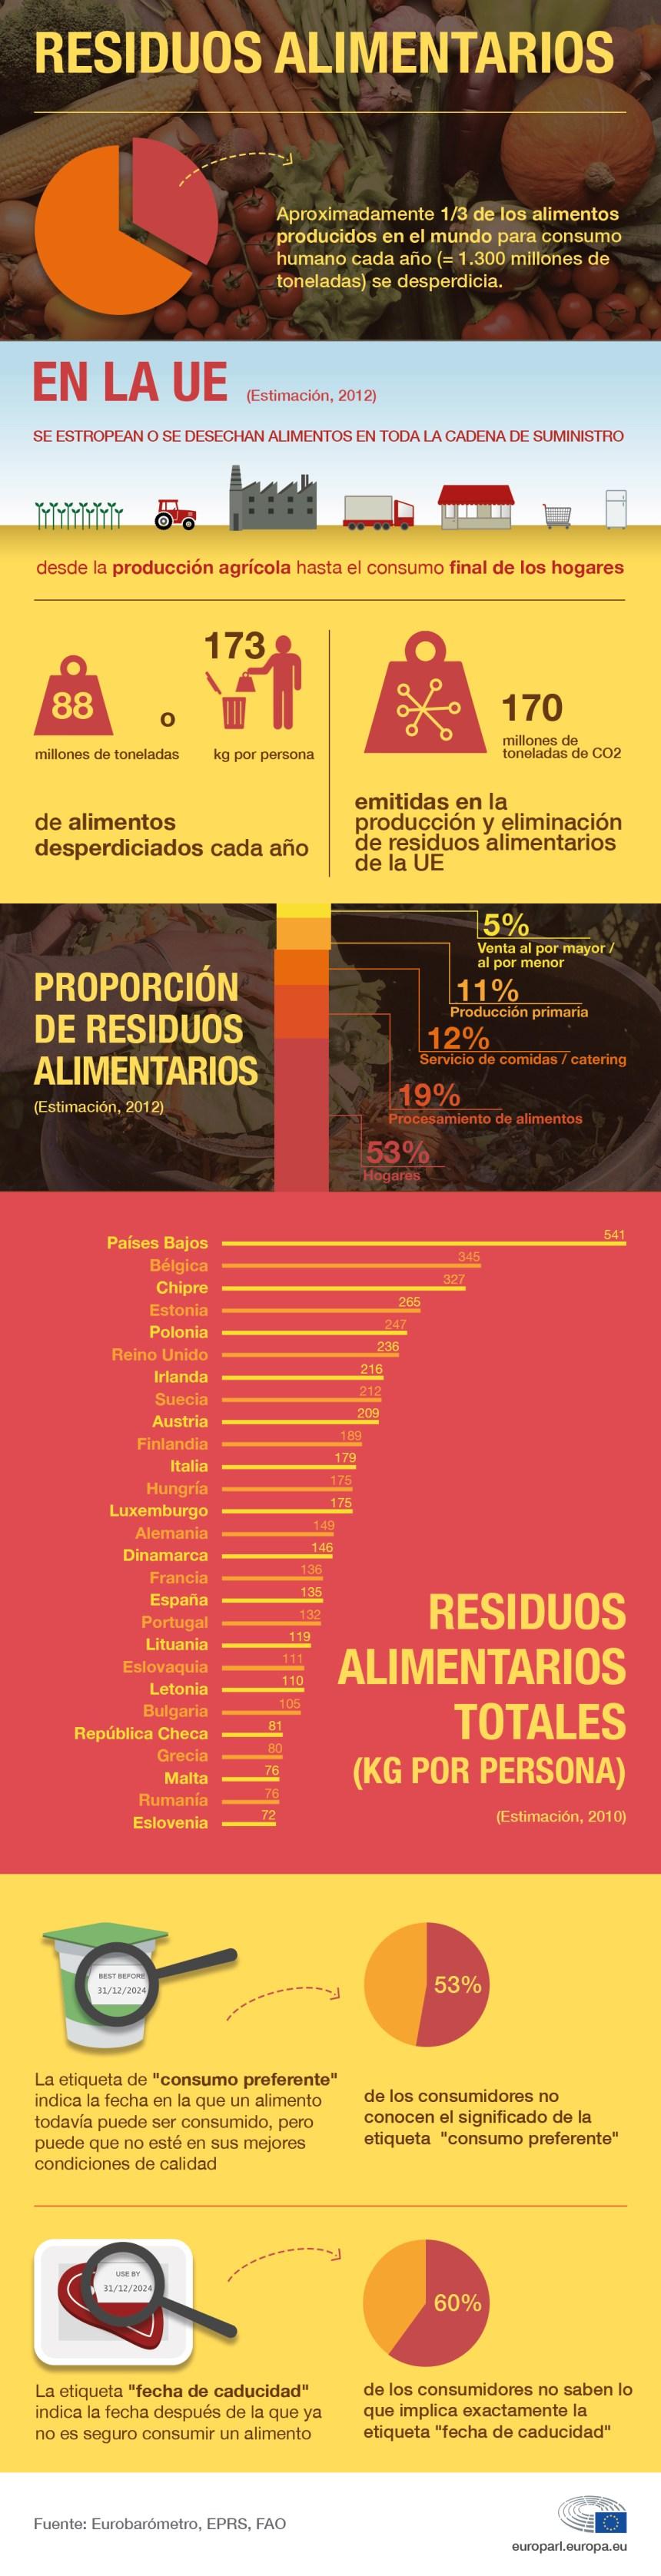 Residuos alimentarios en la Unión Europea